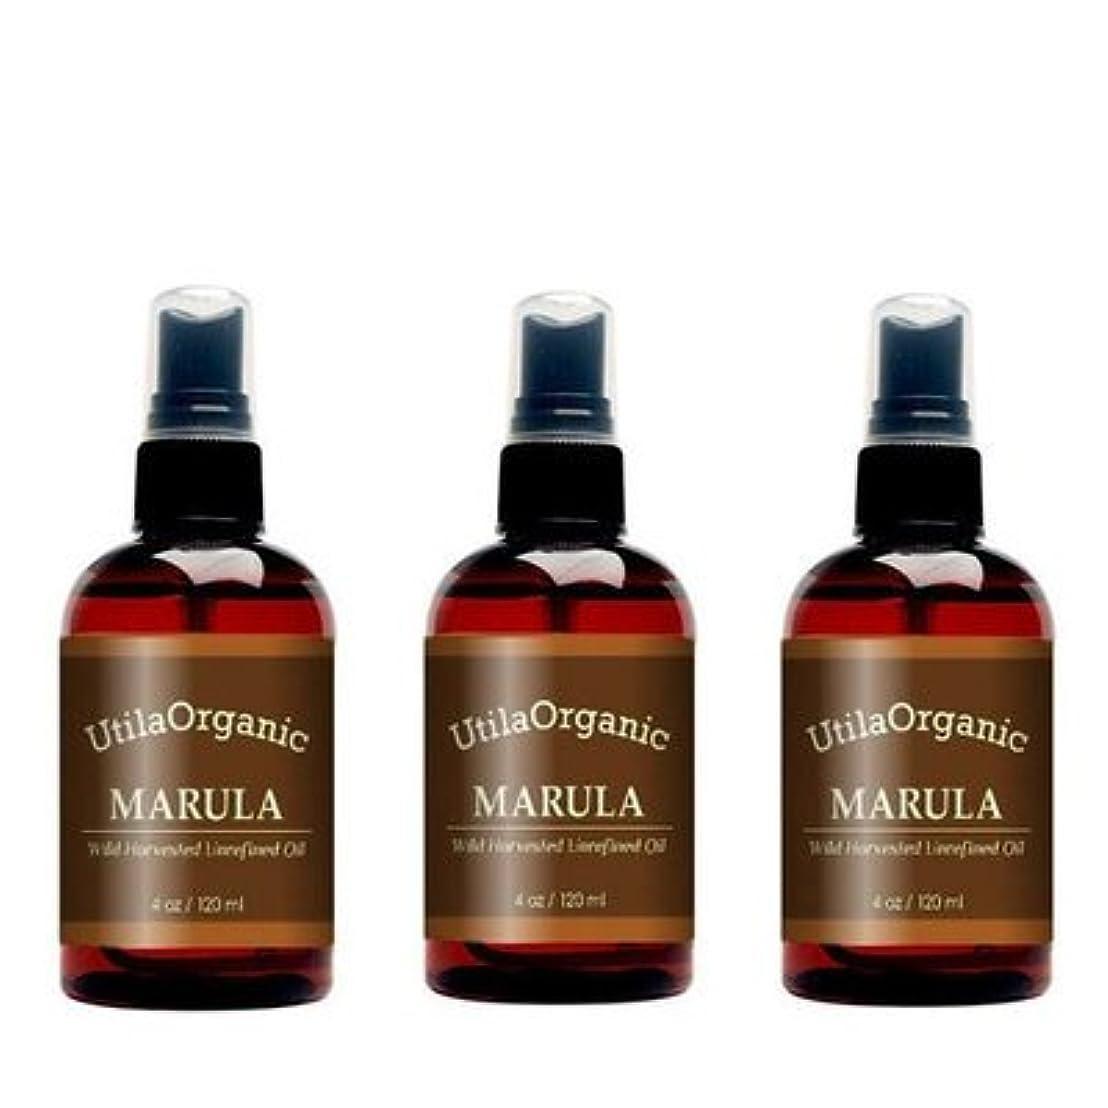 ブラウンコンピューターフォーマットお得な3本セット 未精製 マルラオイル 120ml Marula Oil 100% pure and natural 【並行輸入品】